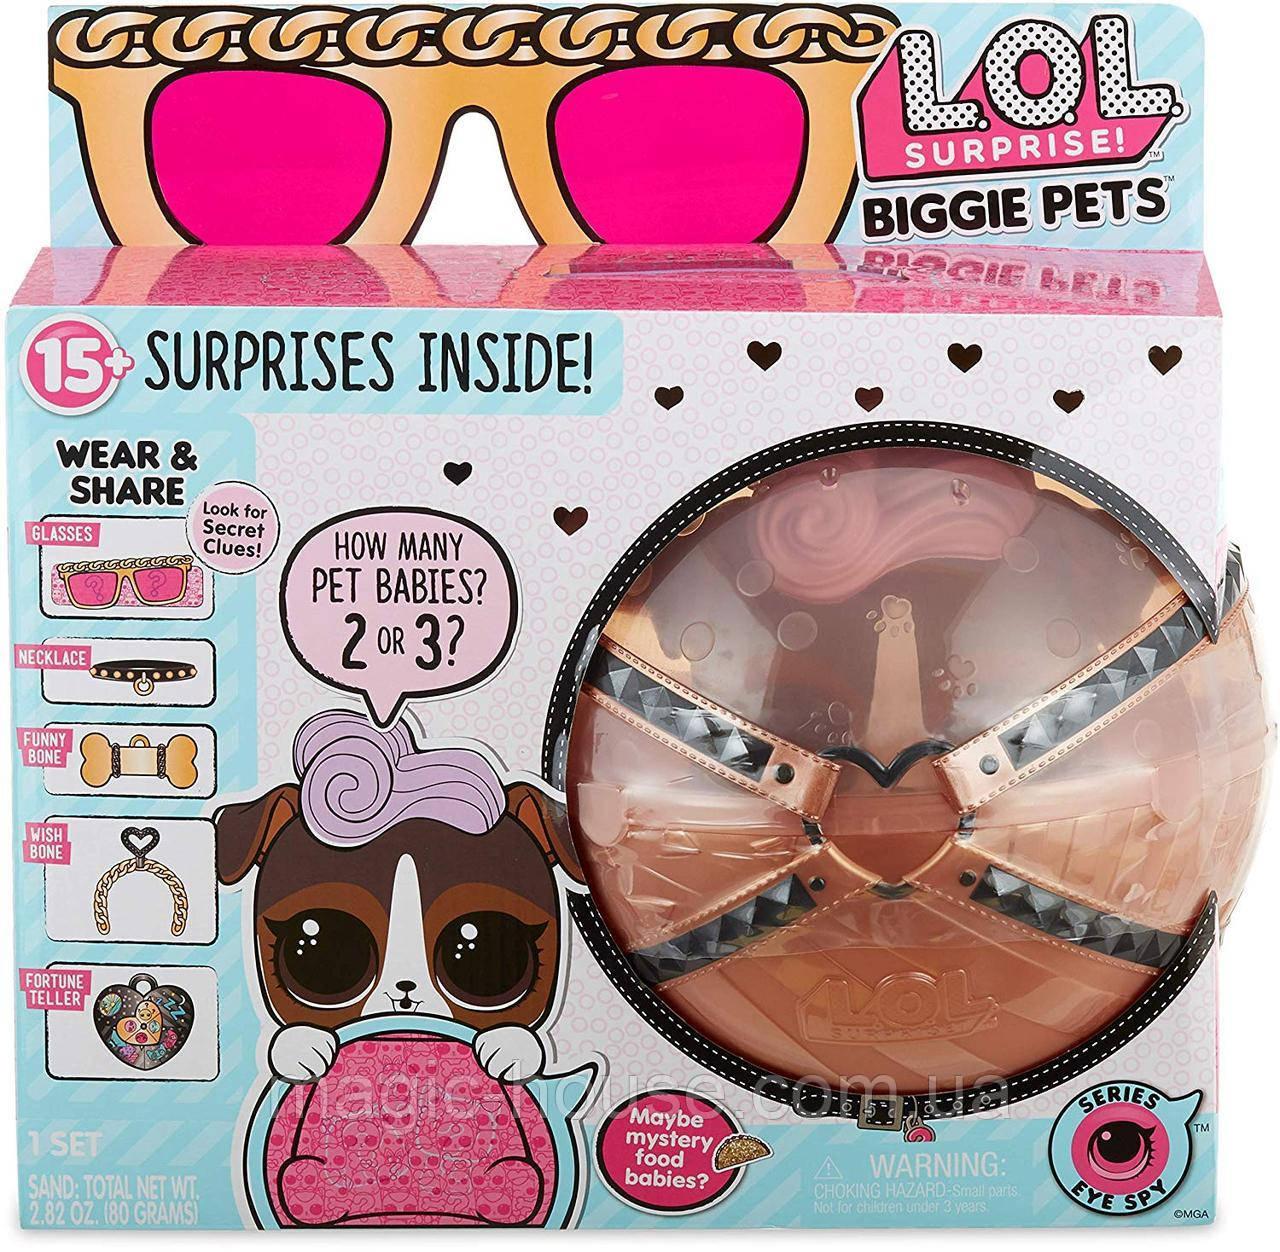 Игровой набор Оригинал L.O.L. Surprise!Biggie Pet- D.J. K9 Большие Питомцы Щенок Ди Джей